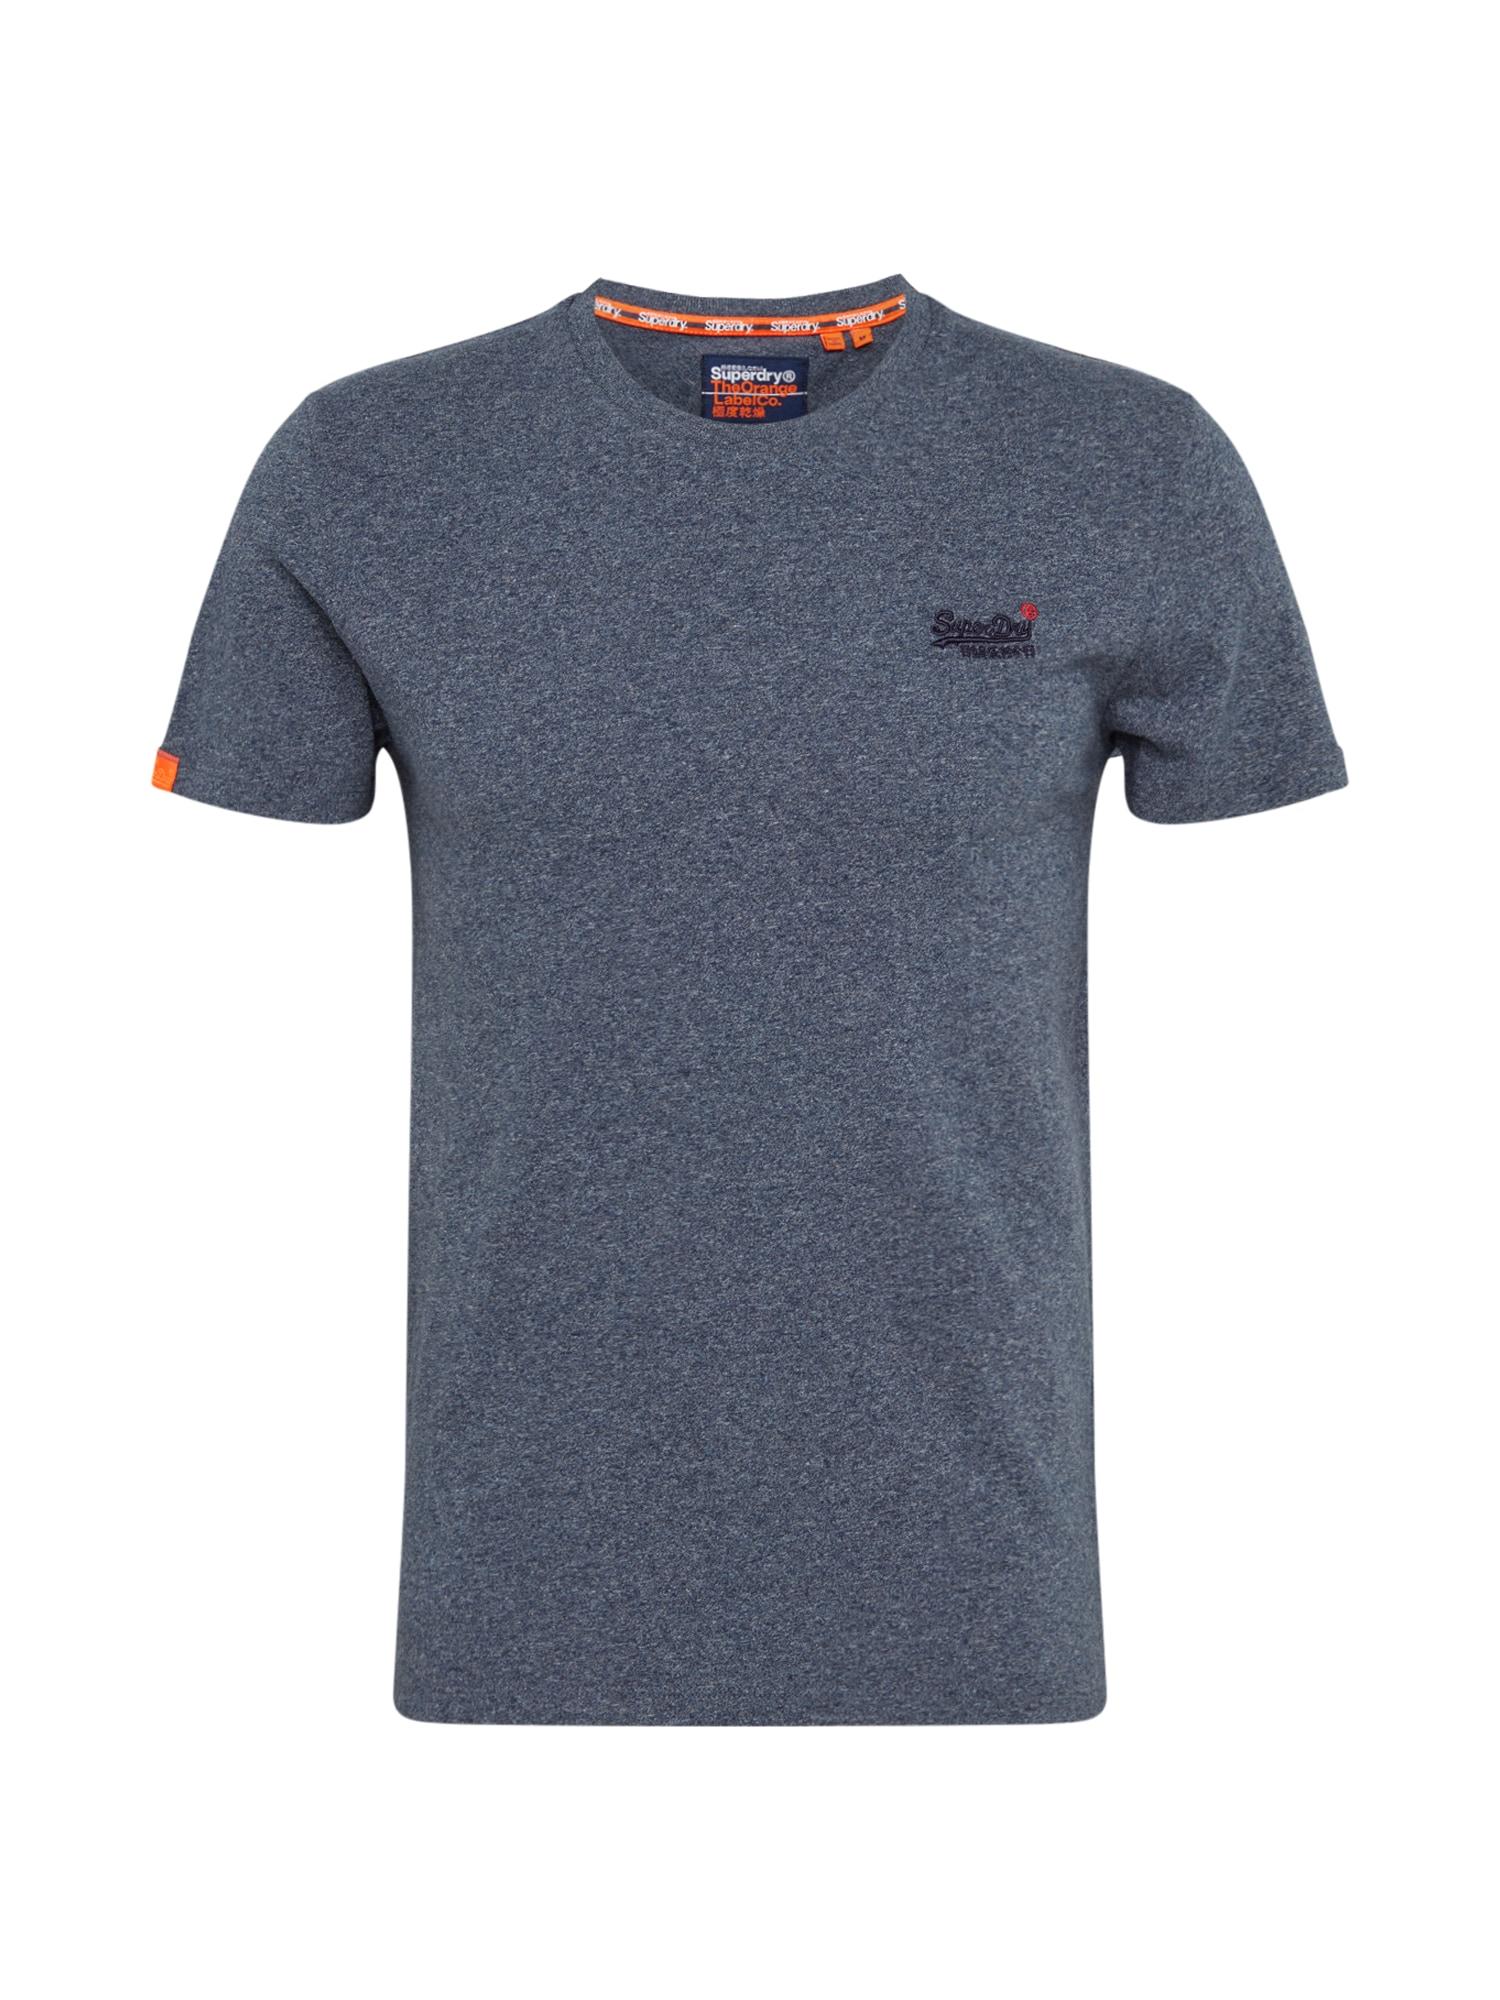 Superdry Marškinėliai 'OL VINTAGE EMB CREW' mėlyna